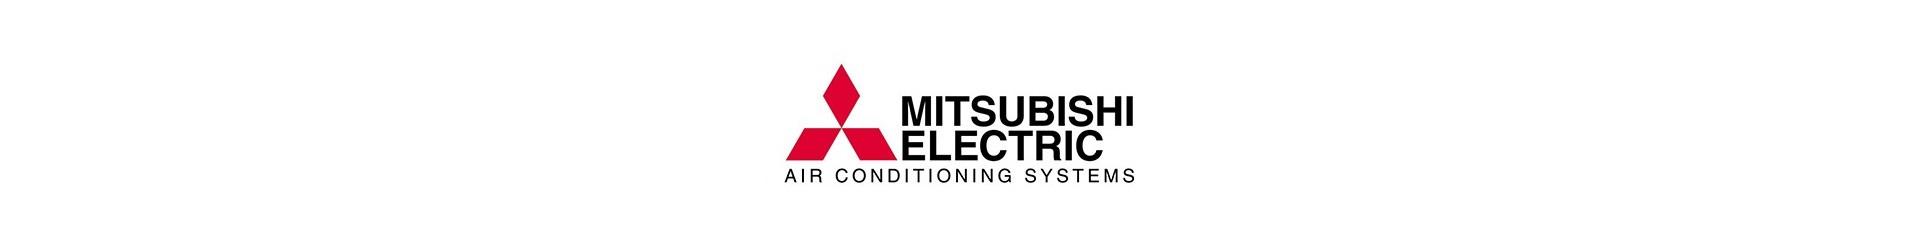 online verkauf von klimaanlagen von mitsubishi electric. Black Bedroom Furniture Sets. Home Design Ideas